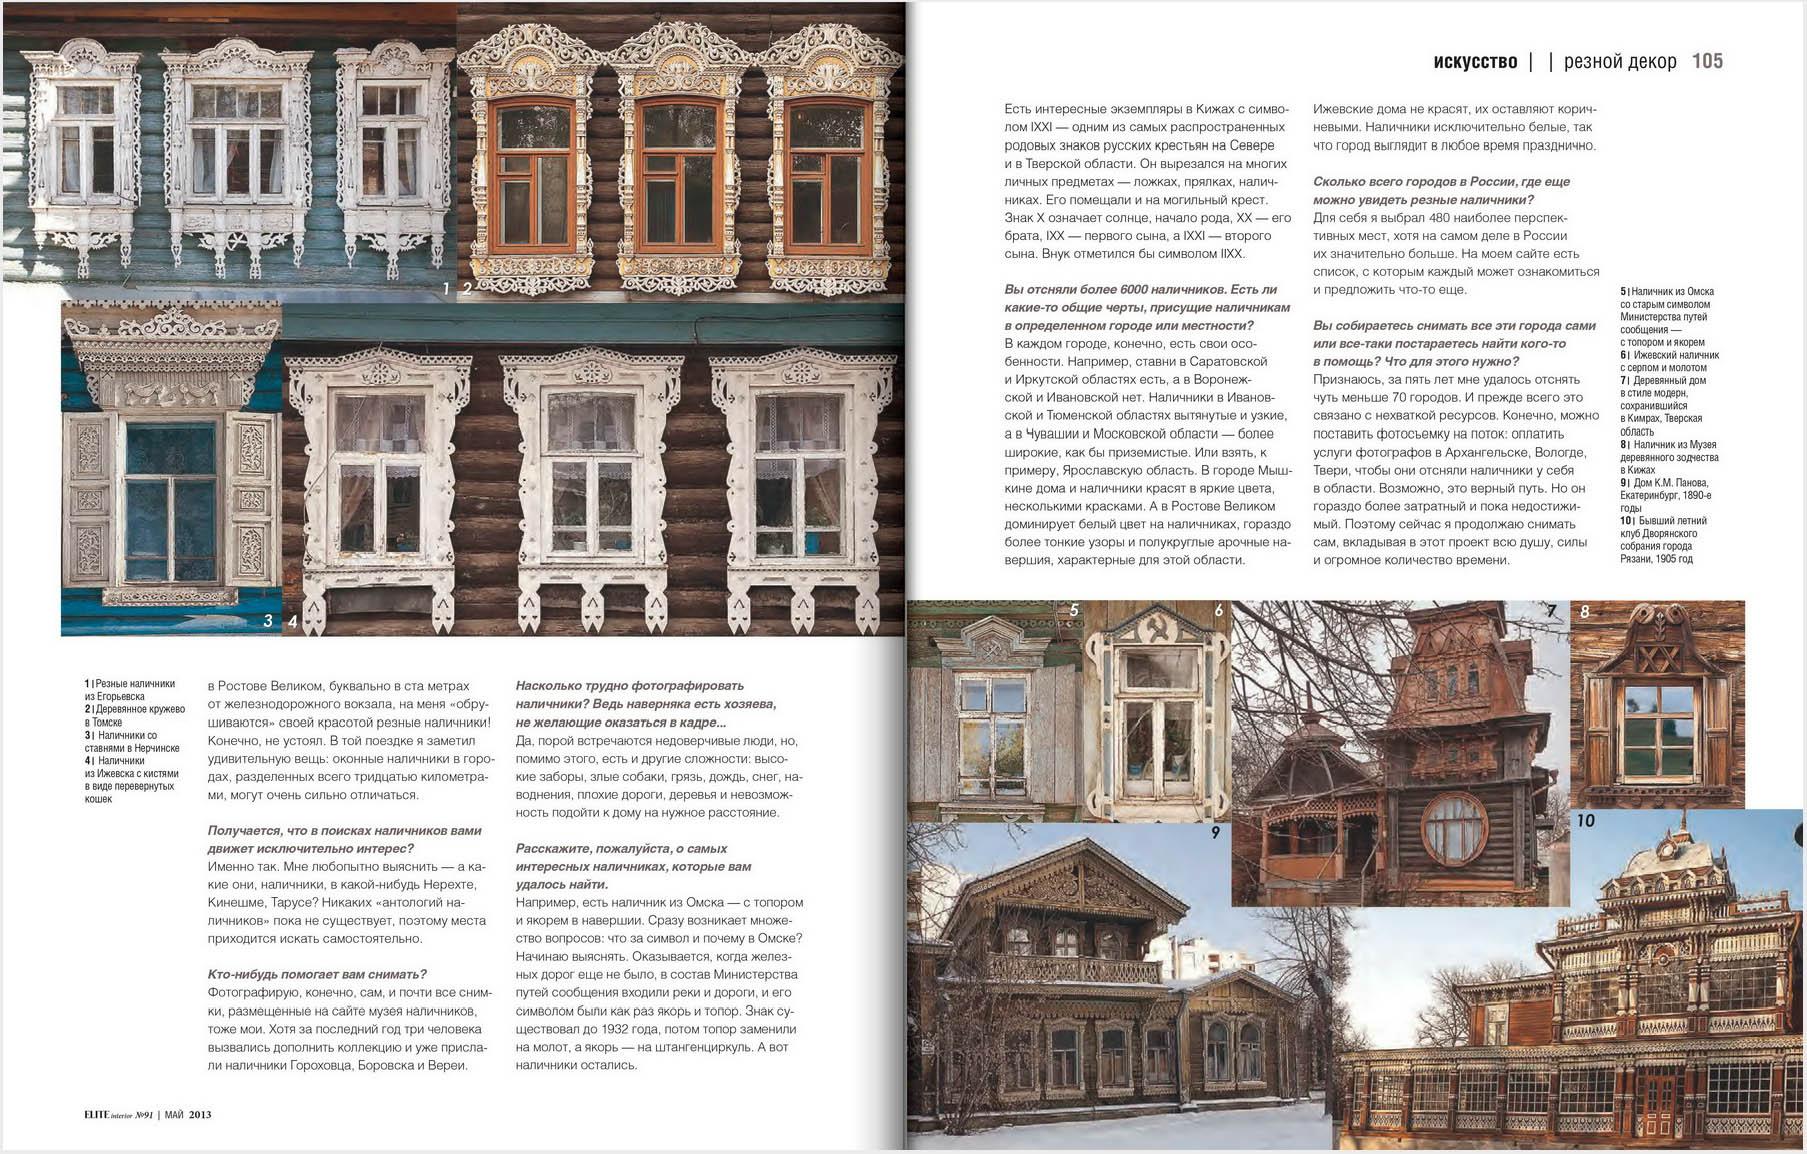 Разворот журнала Elite Interior с рассказом у музее резных наличников